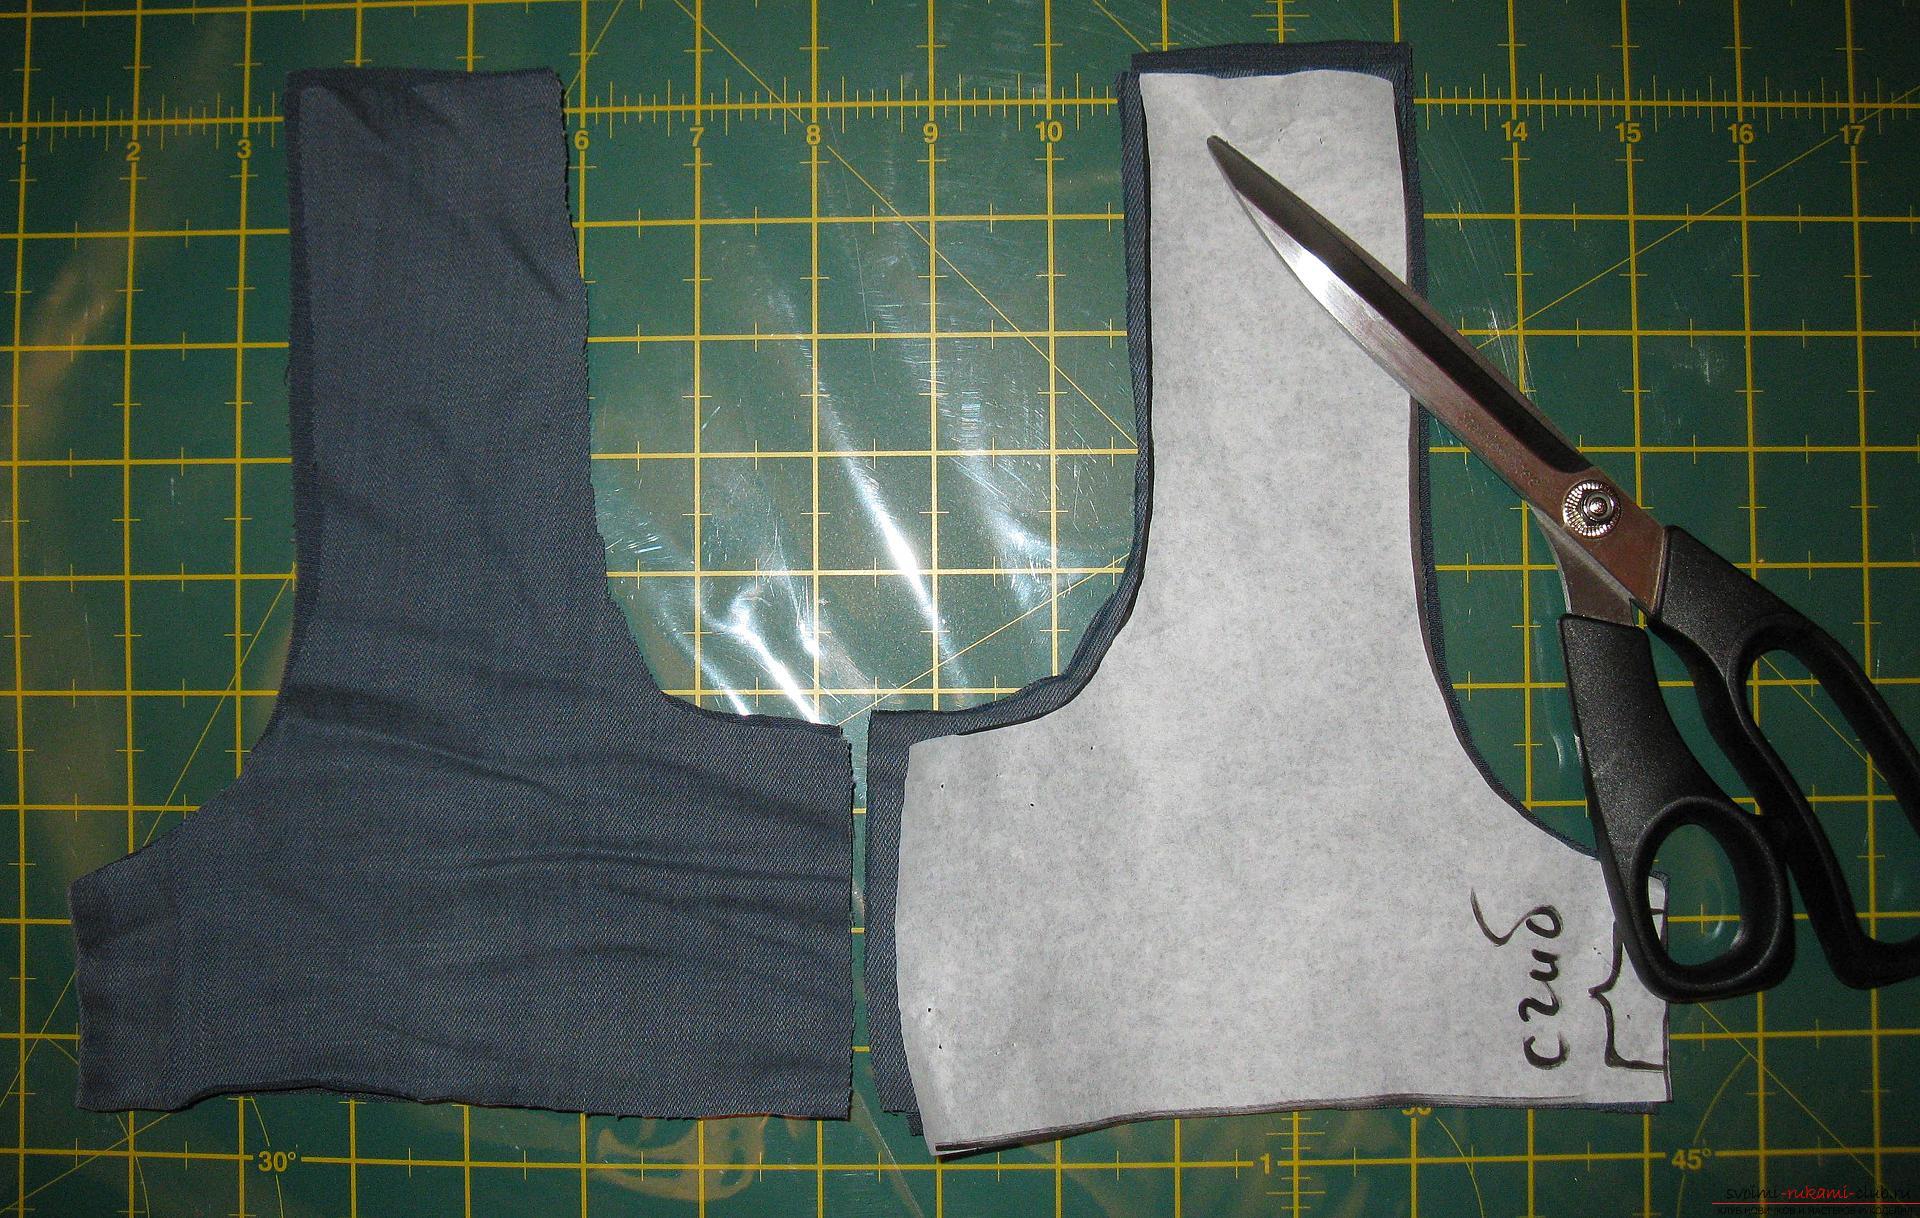 Пошаговые фото к уроку по пошиву хозяйственной сумки. Фото №1